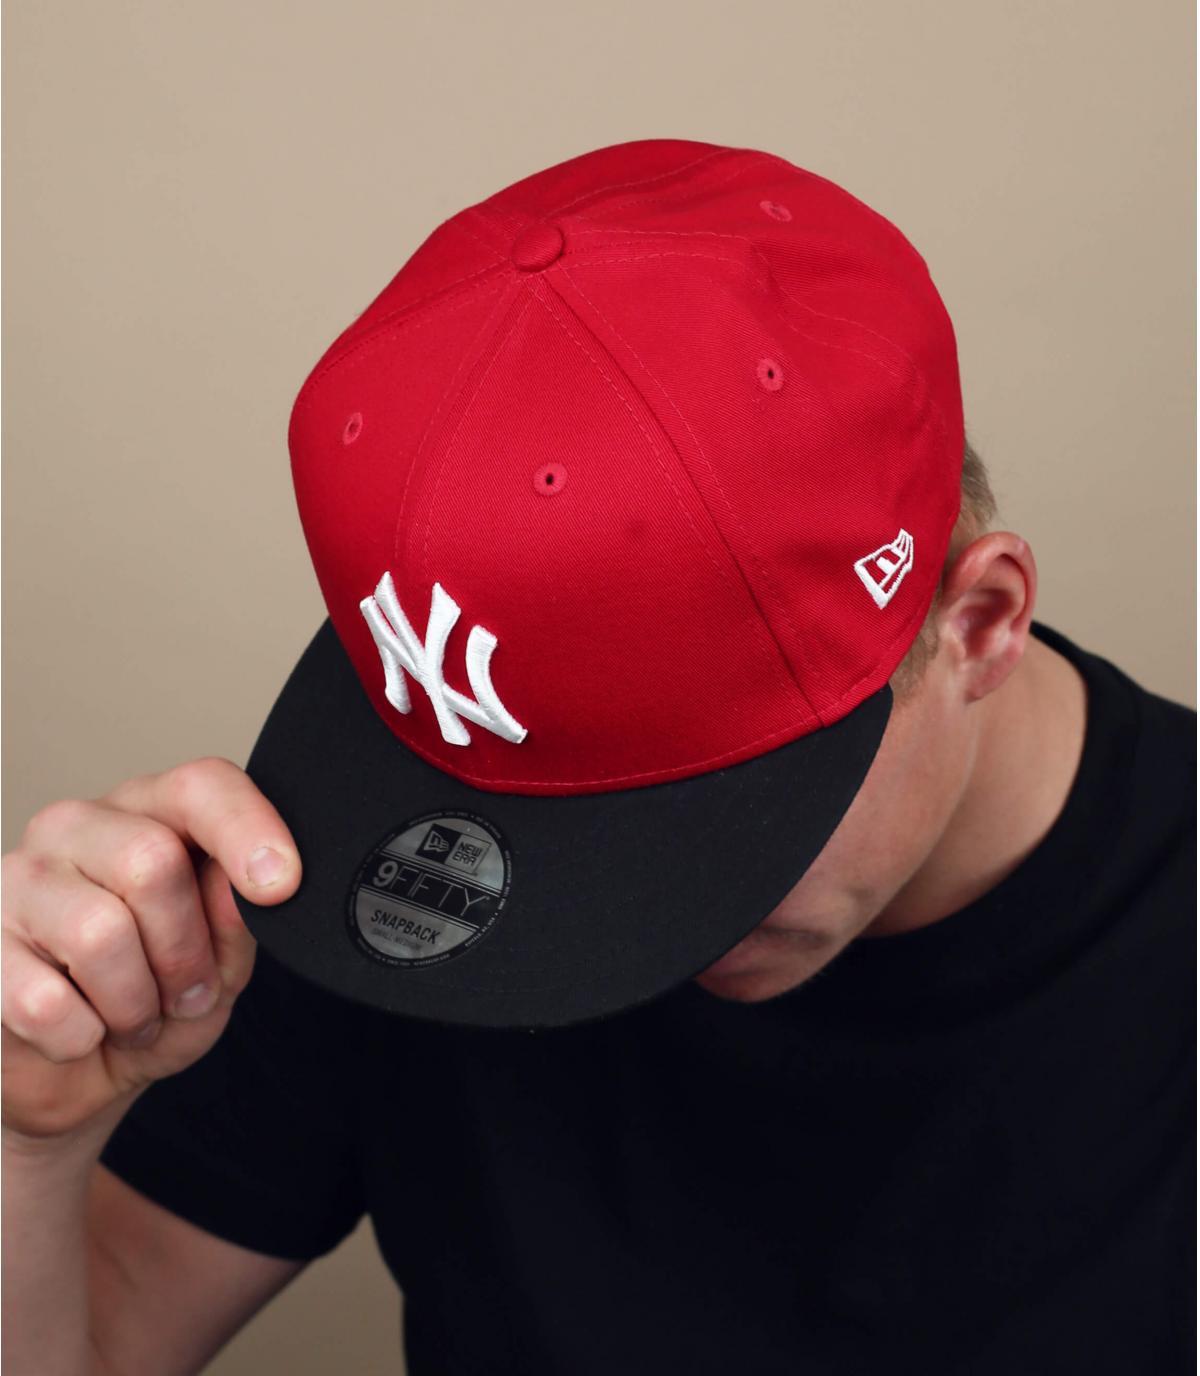 NY snapback back red